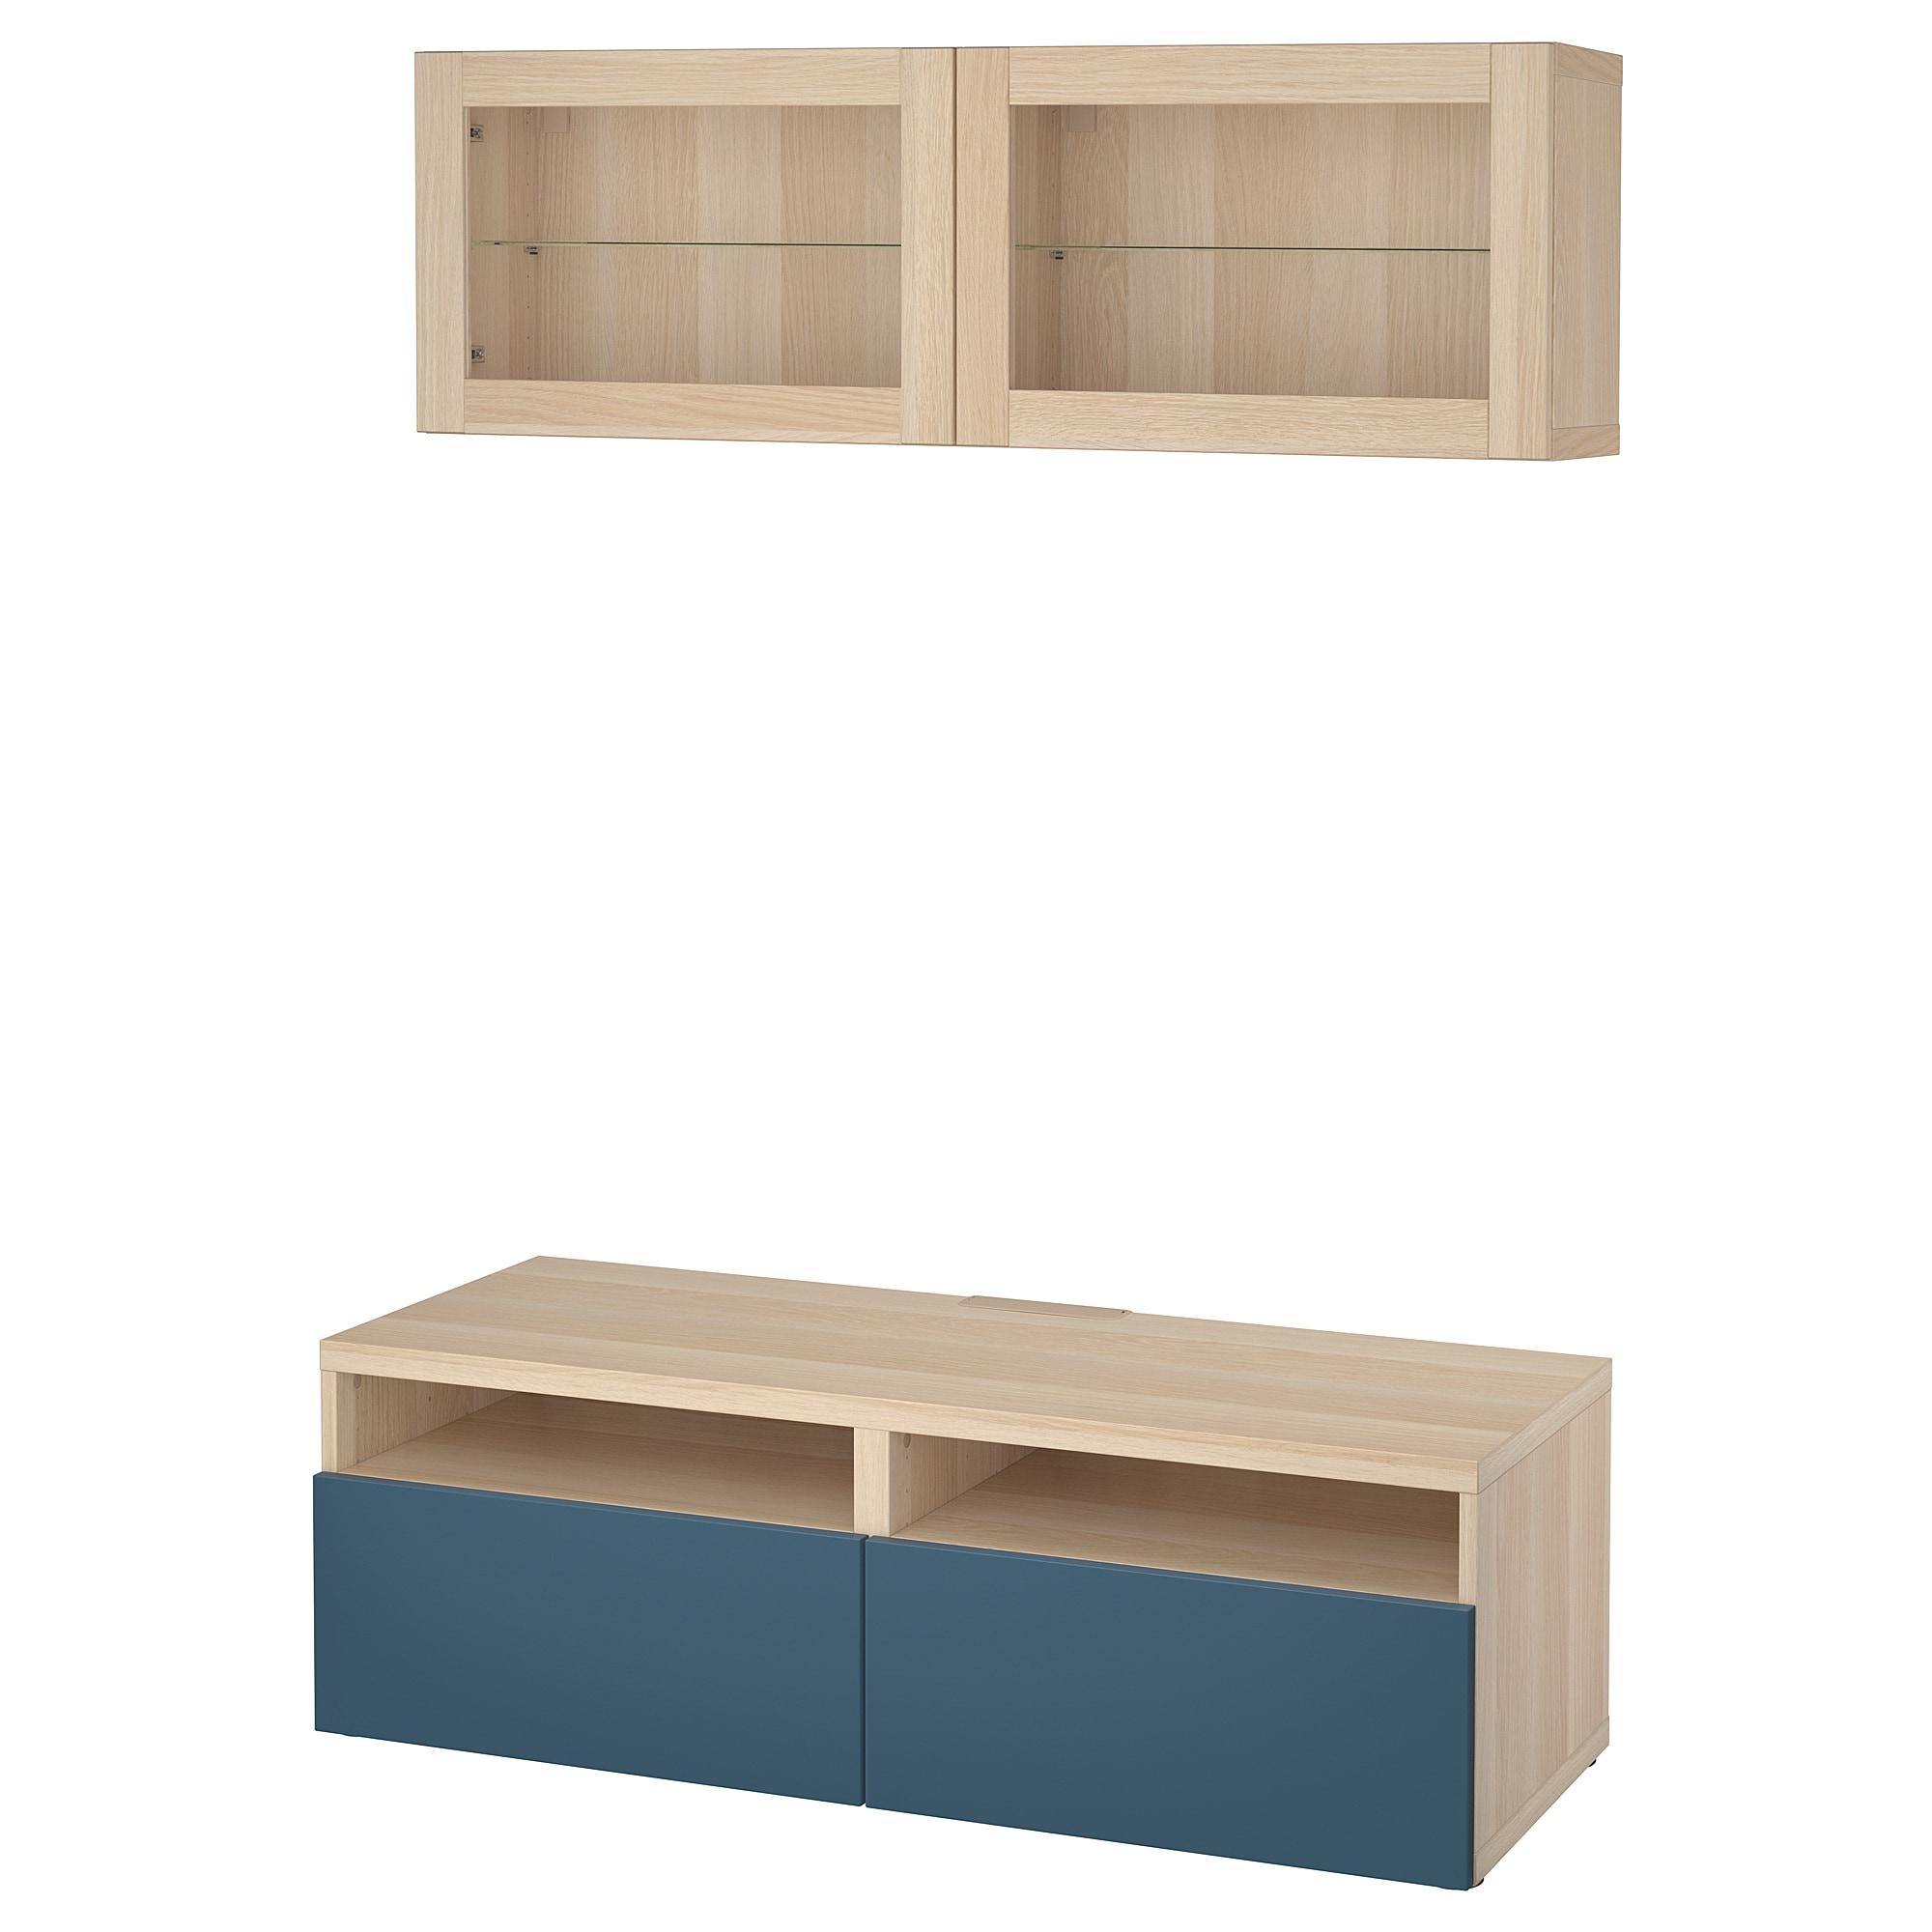 Шкаф для ТВ, комбинированный, стекляные дверцы БЕСТО темно-синий артикуль № 192.505.03 в наличии. Онлайн каталог ИКЕА РБ. Недорогая доставка и установка.